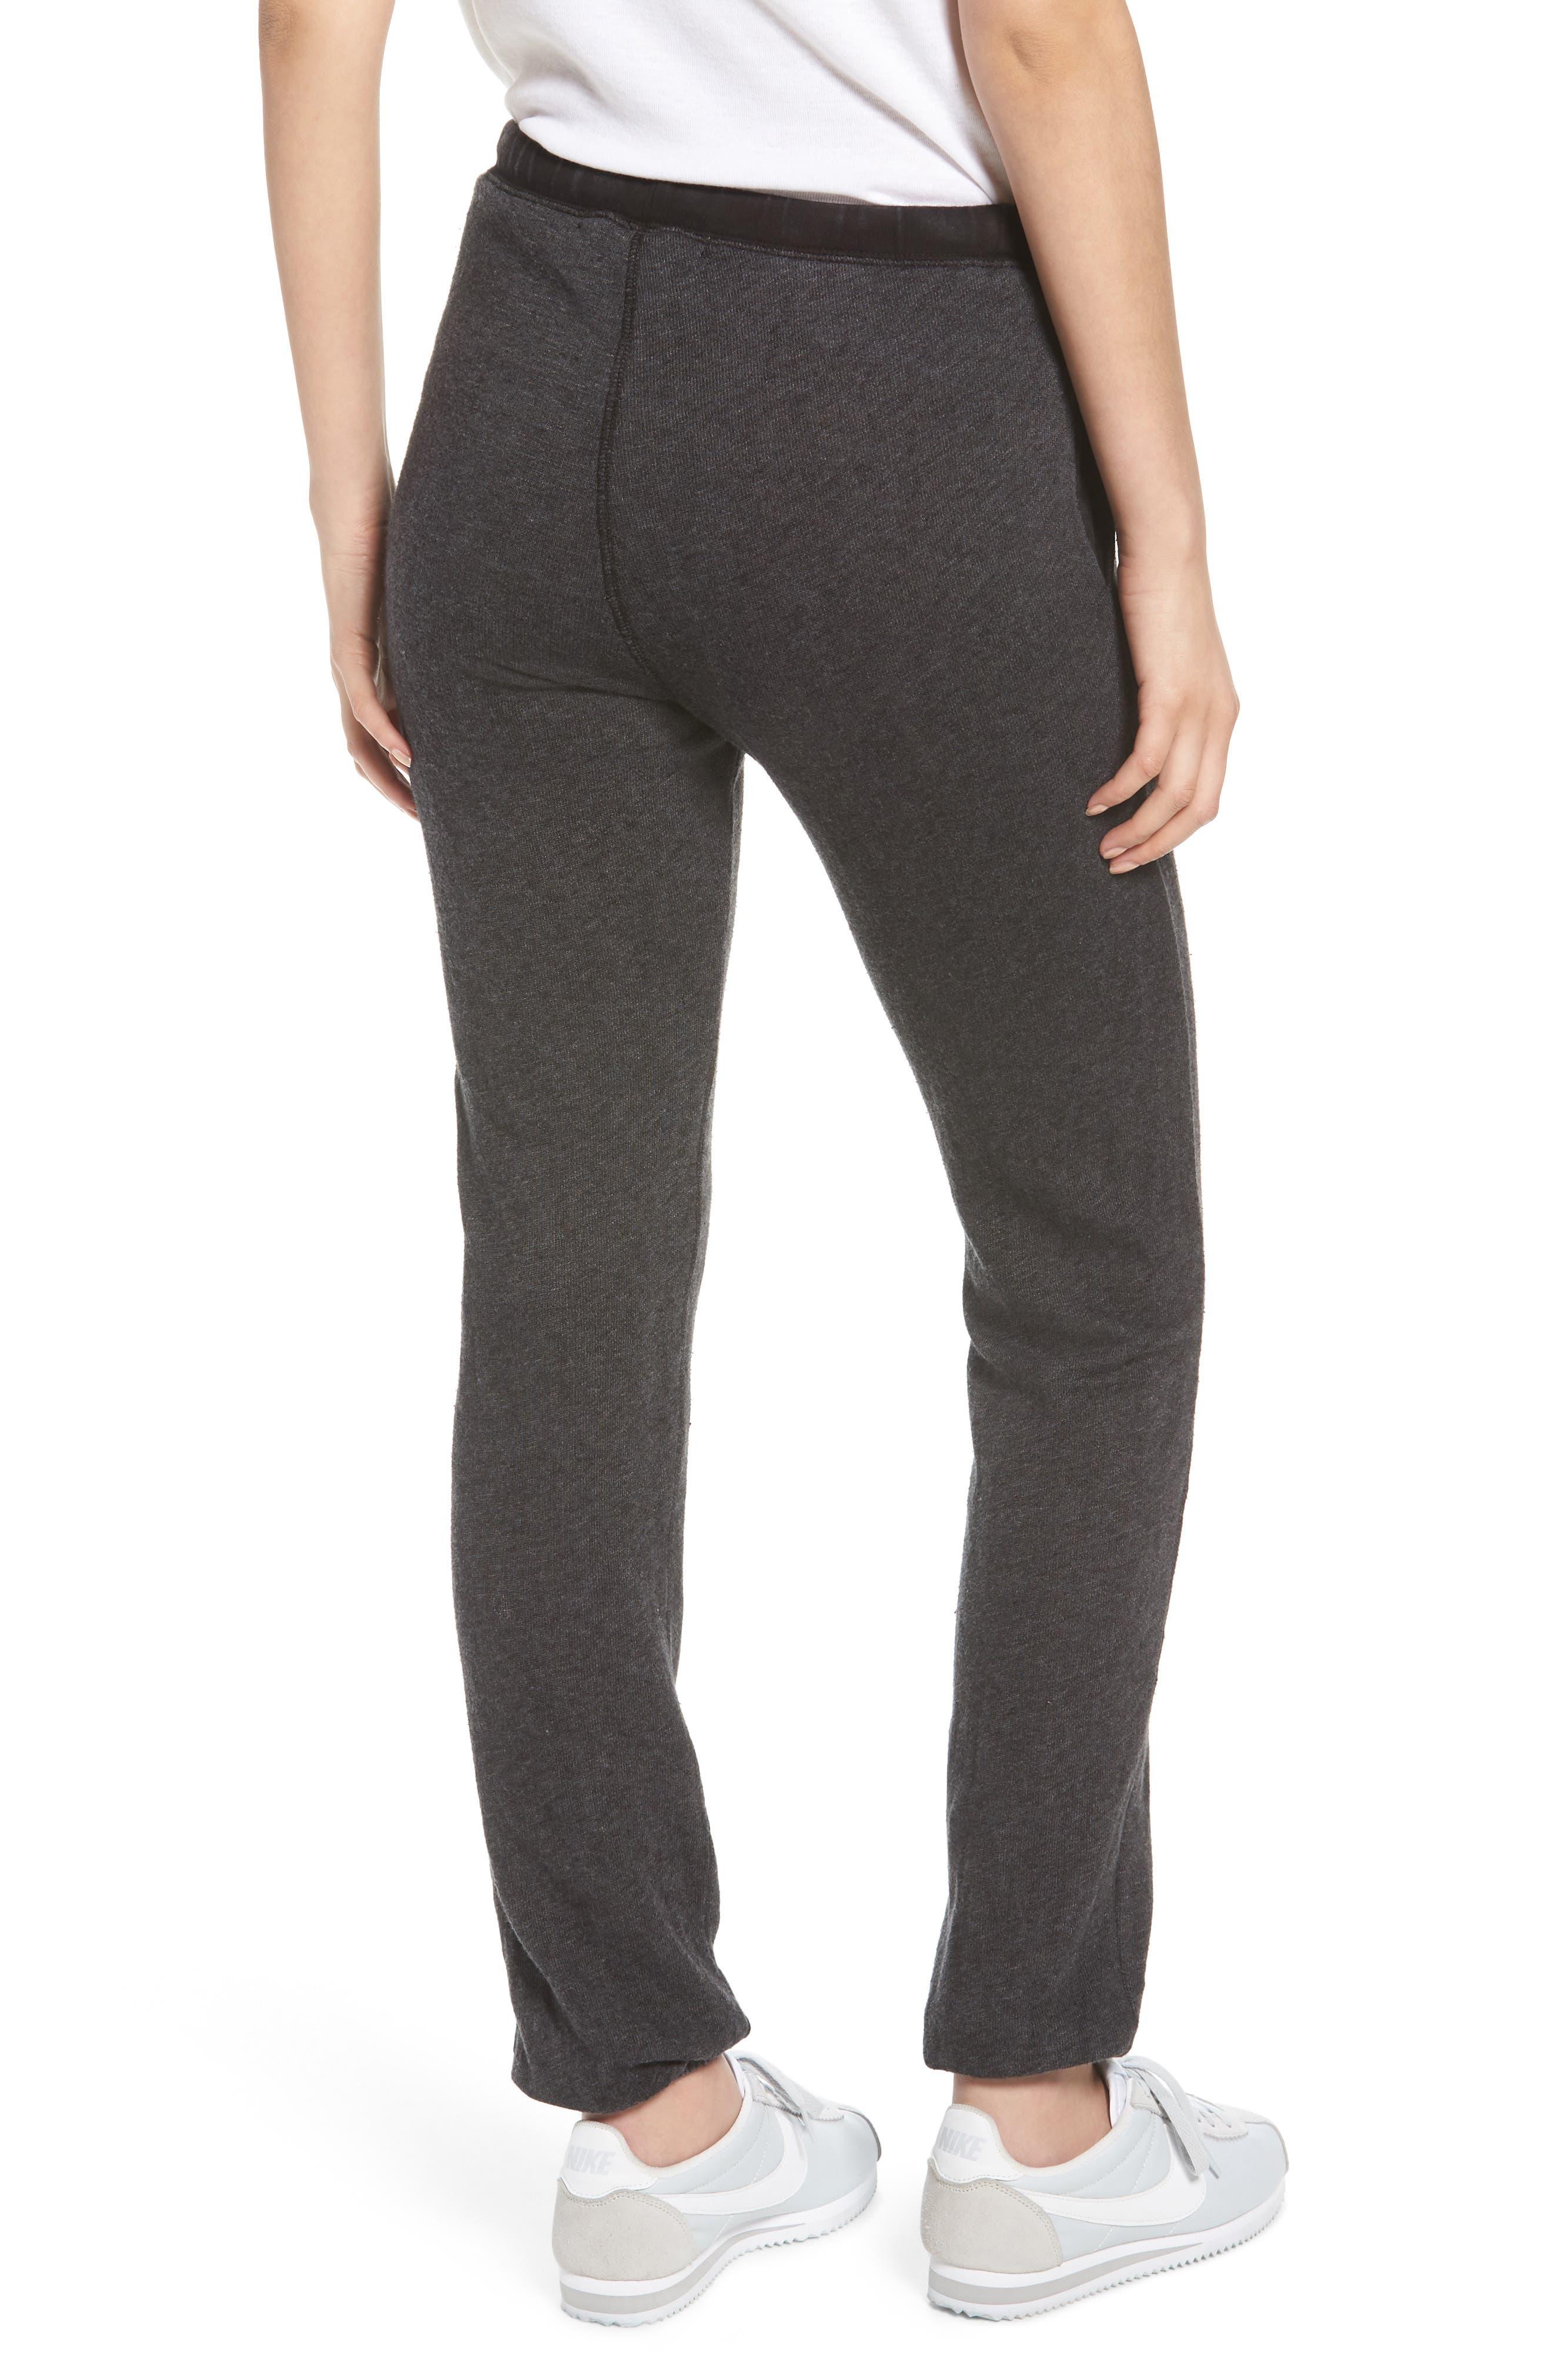 Kiama Lounge Pants,                             Alternate thumbnail 2, color,                             Mw Black